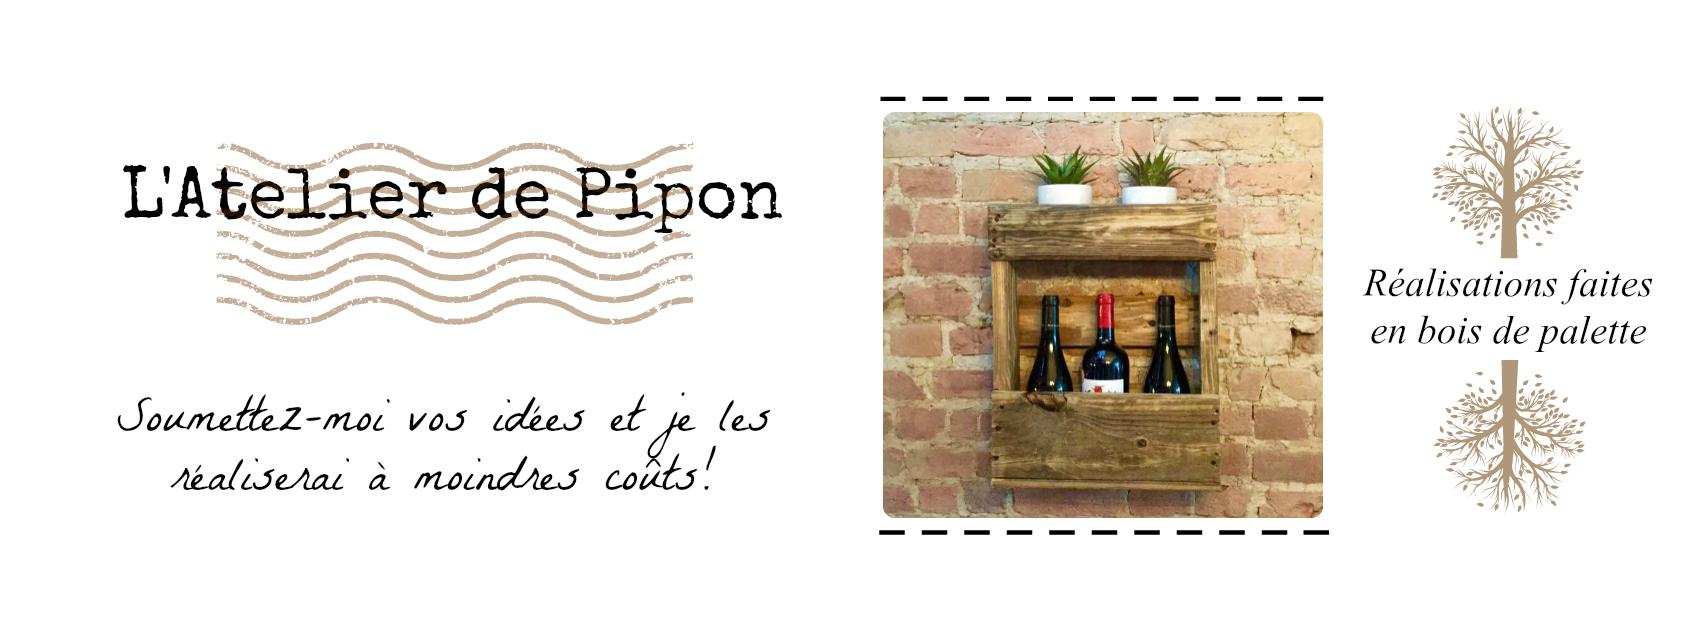 L'Atelier de Pipon